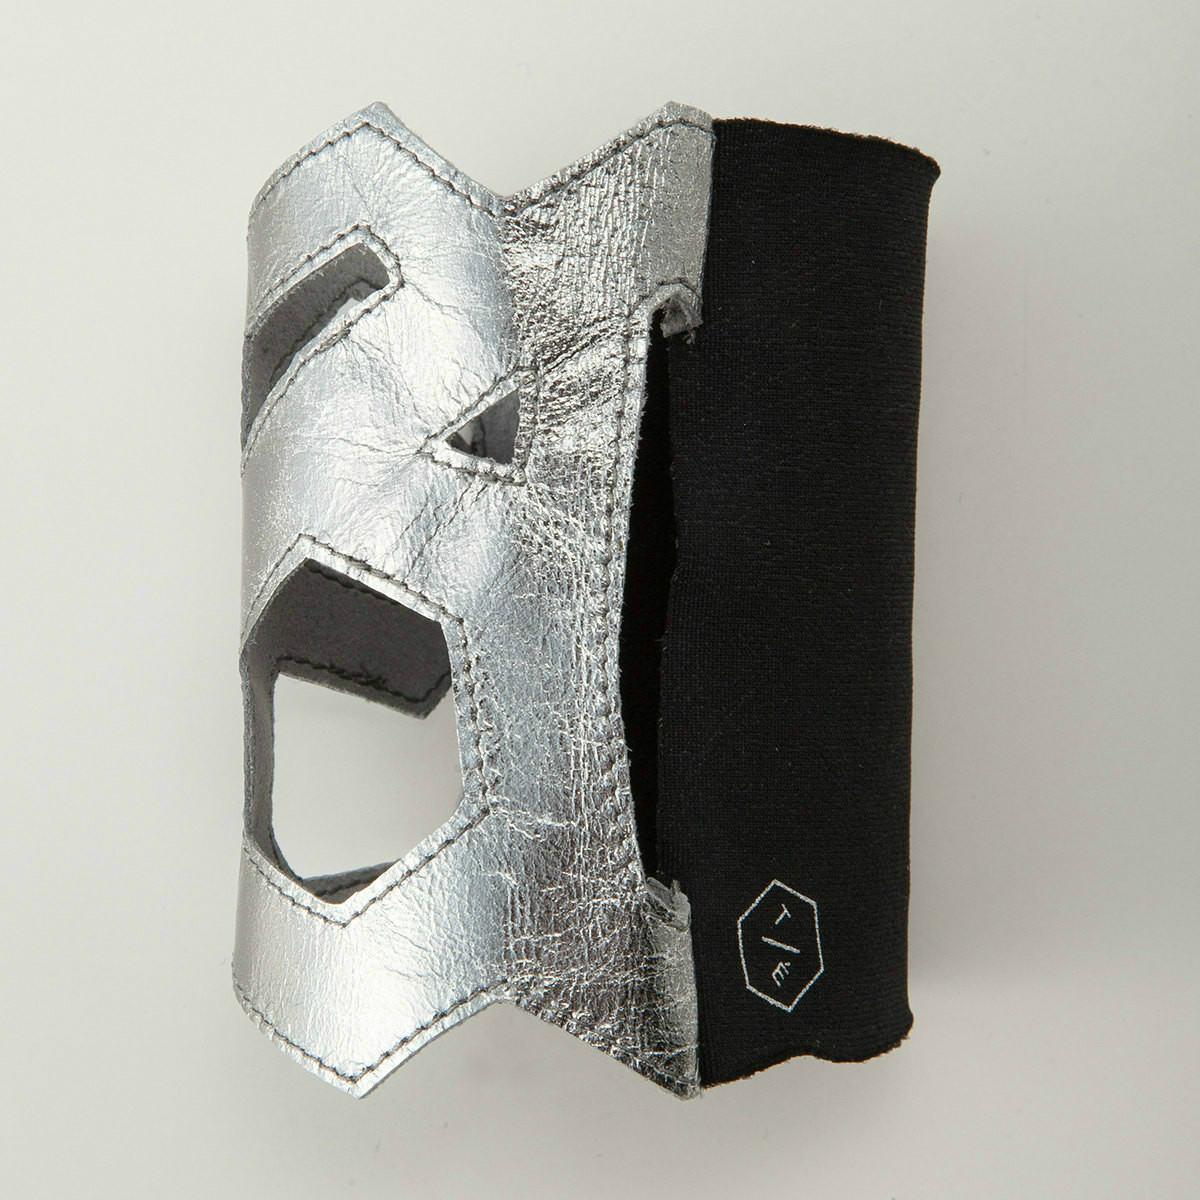 BIYUTE パームカフ ハンドアクセサリー ビユテ手袋に重ねつけ カットワーク型 コーディネイト用 全3色